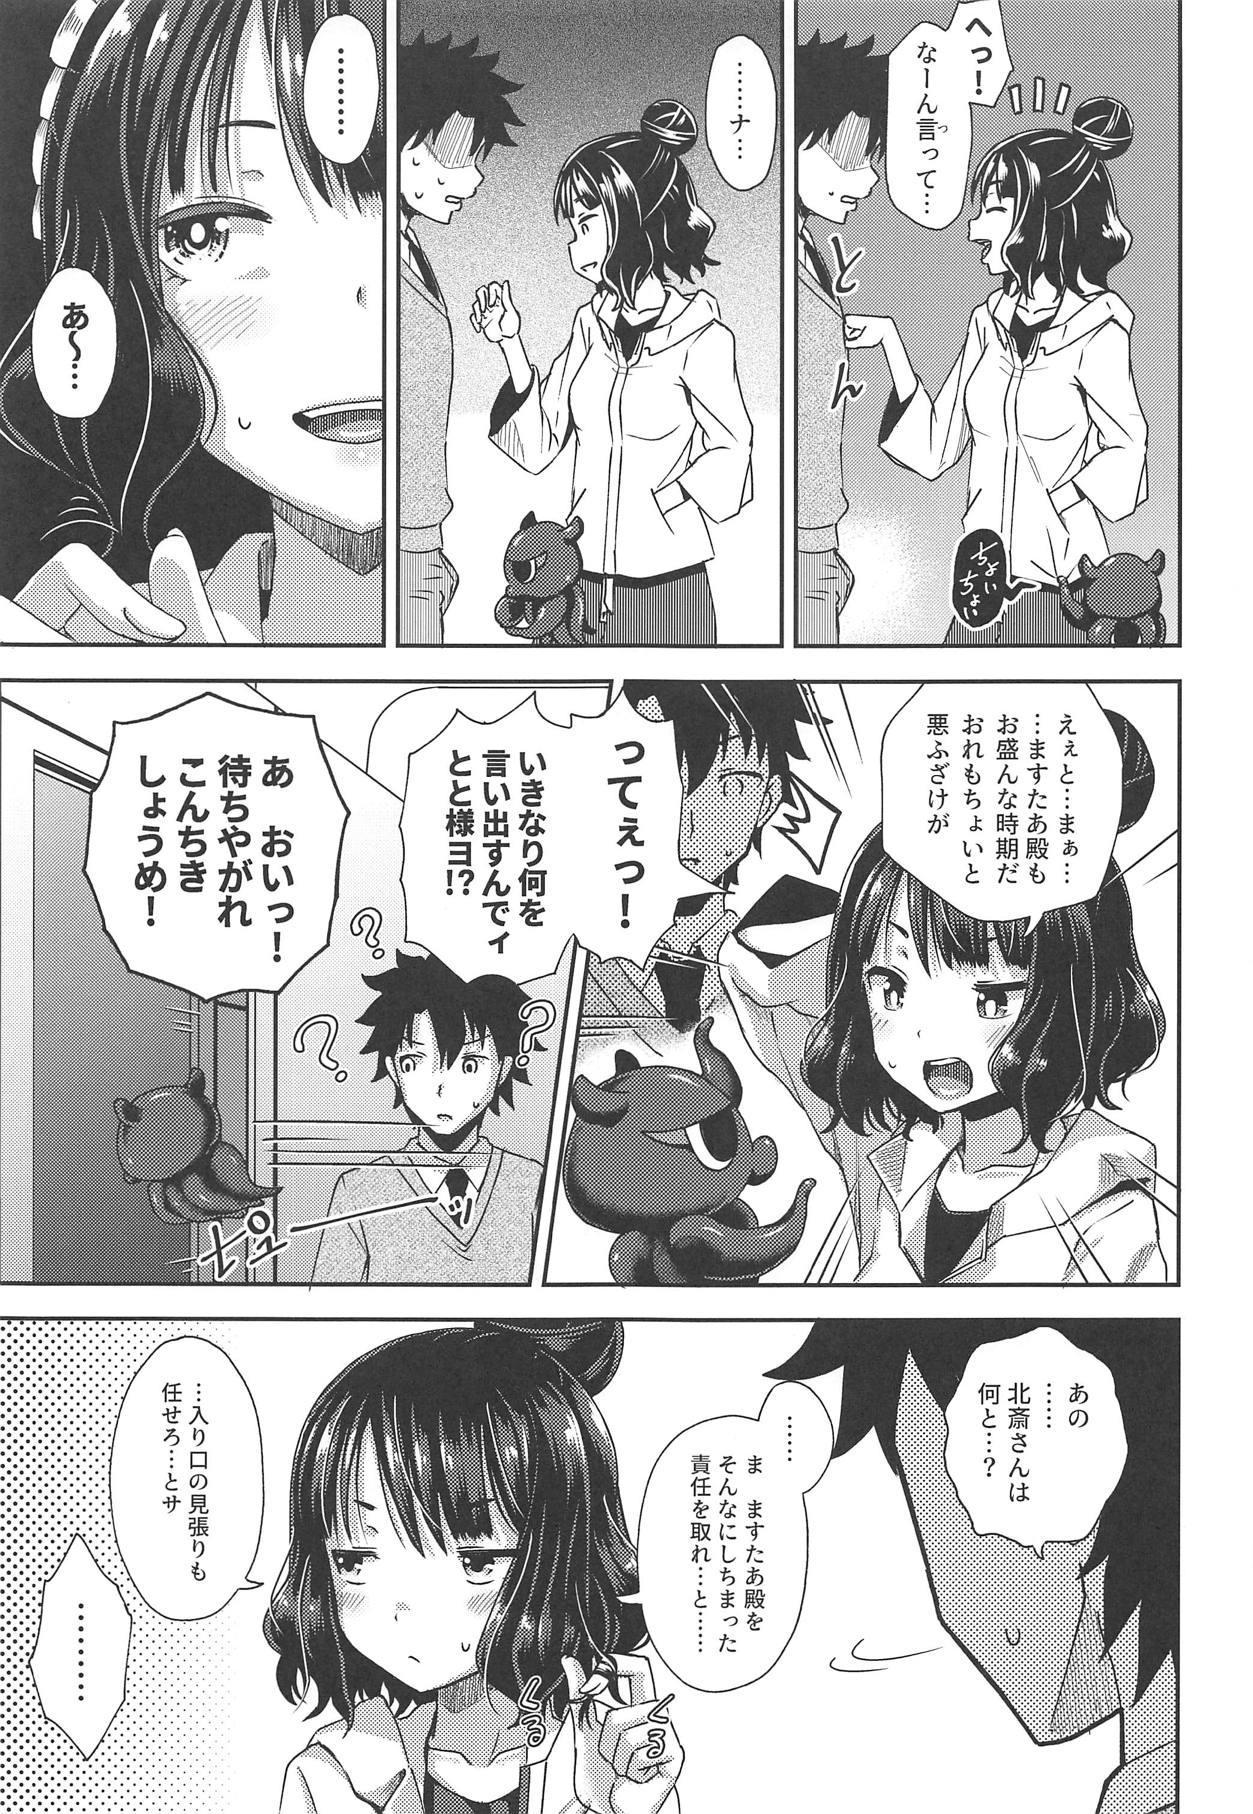 Kuchi o Sui nee 3